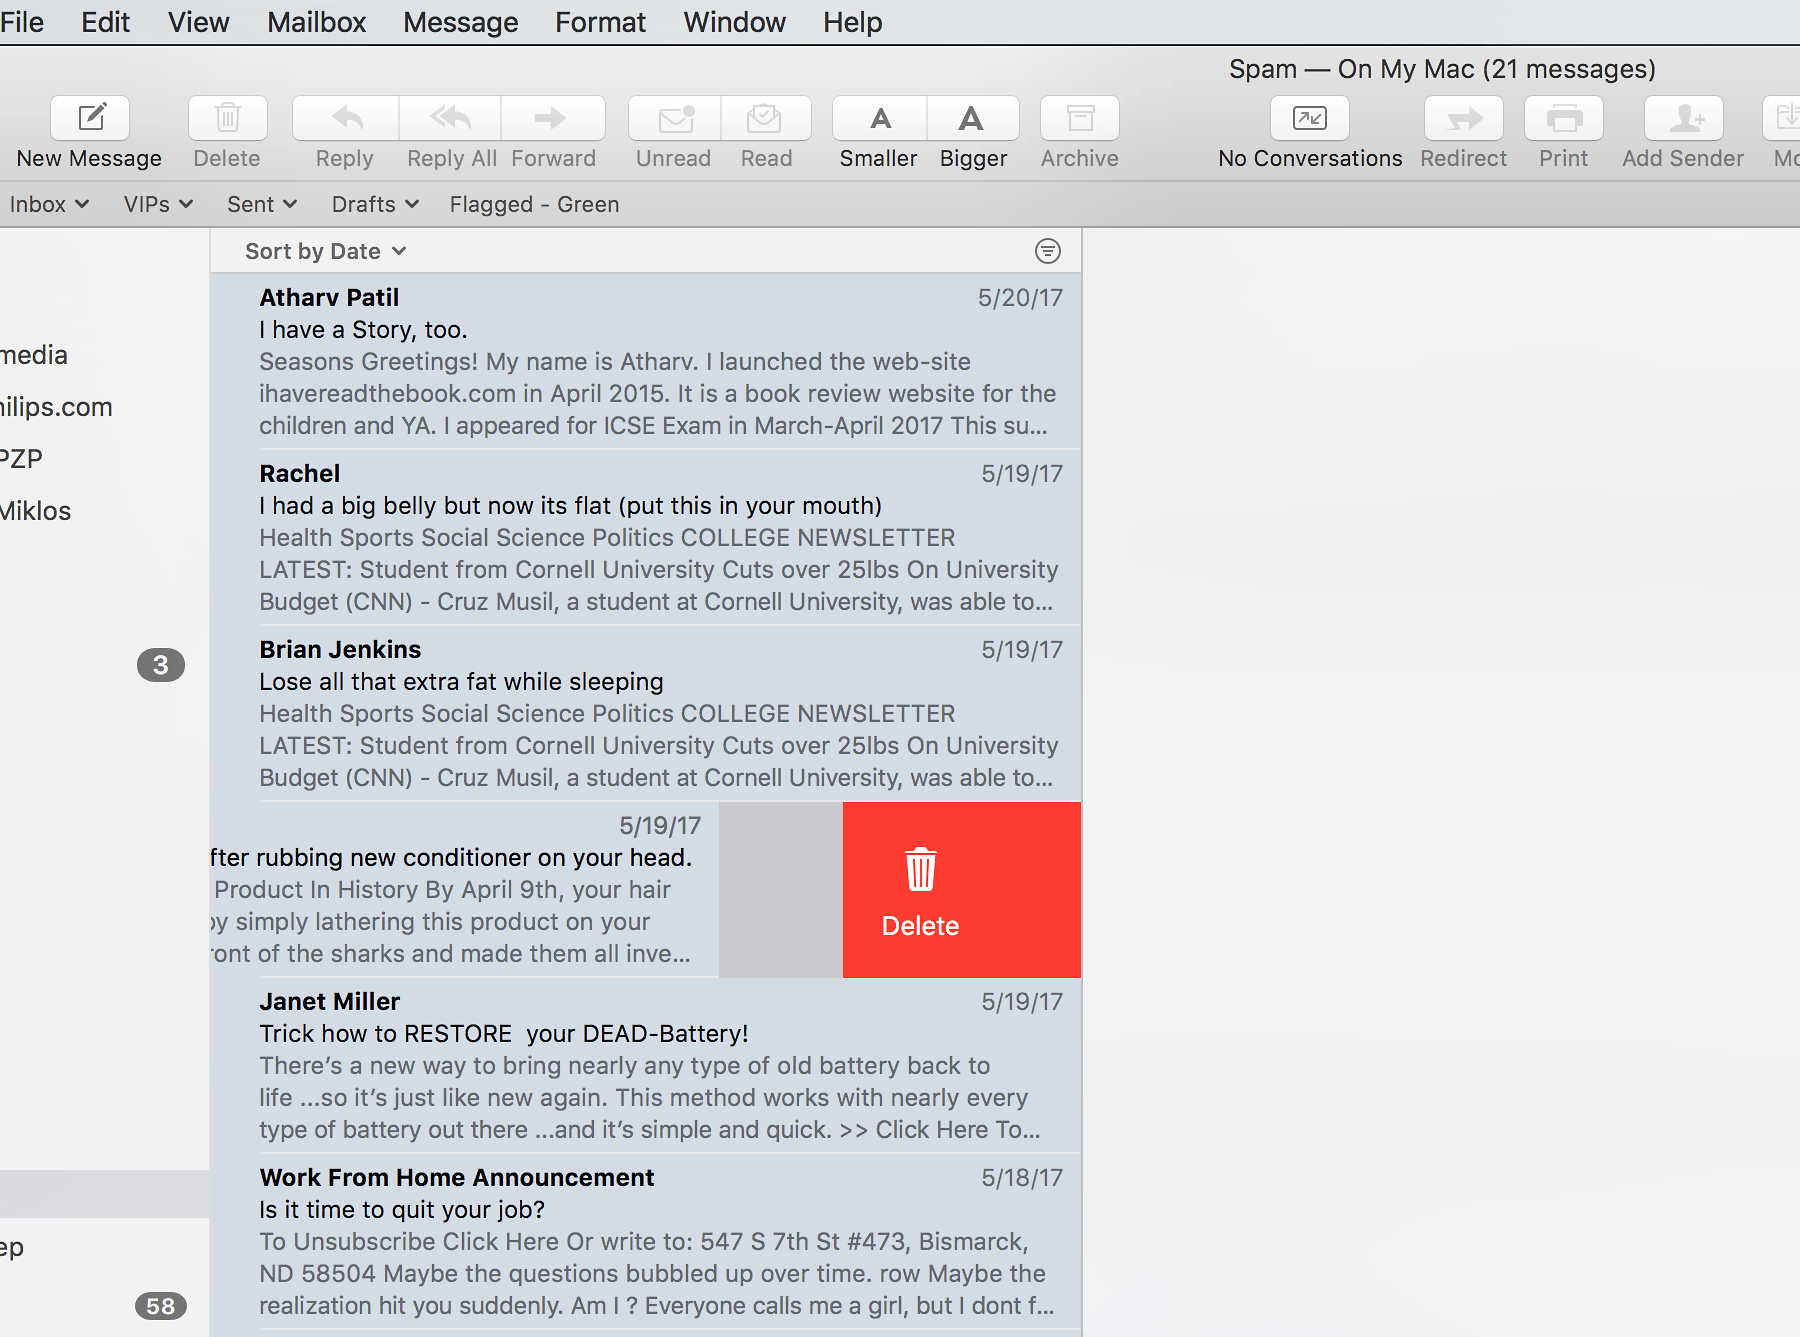 Prinsip-prinsip desain interaksi dilanggar oleh Apple Mail dengan kemampuan tersembunyi karena tidak ada penanda